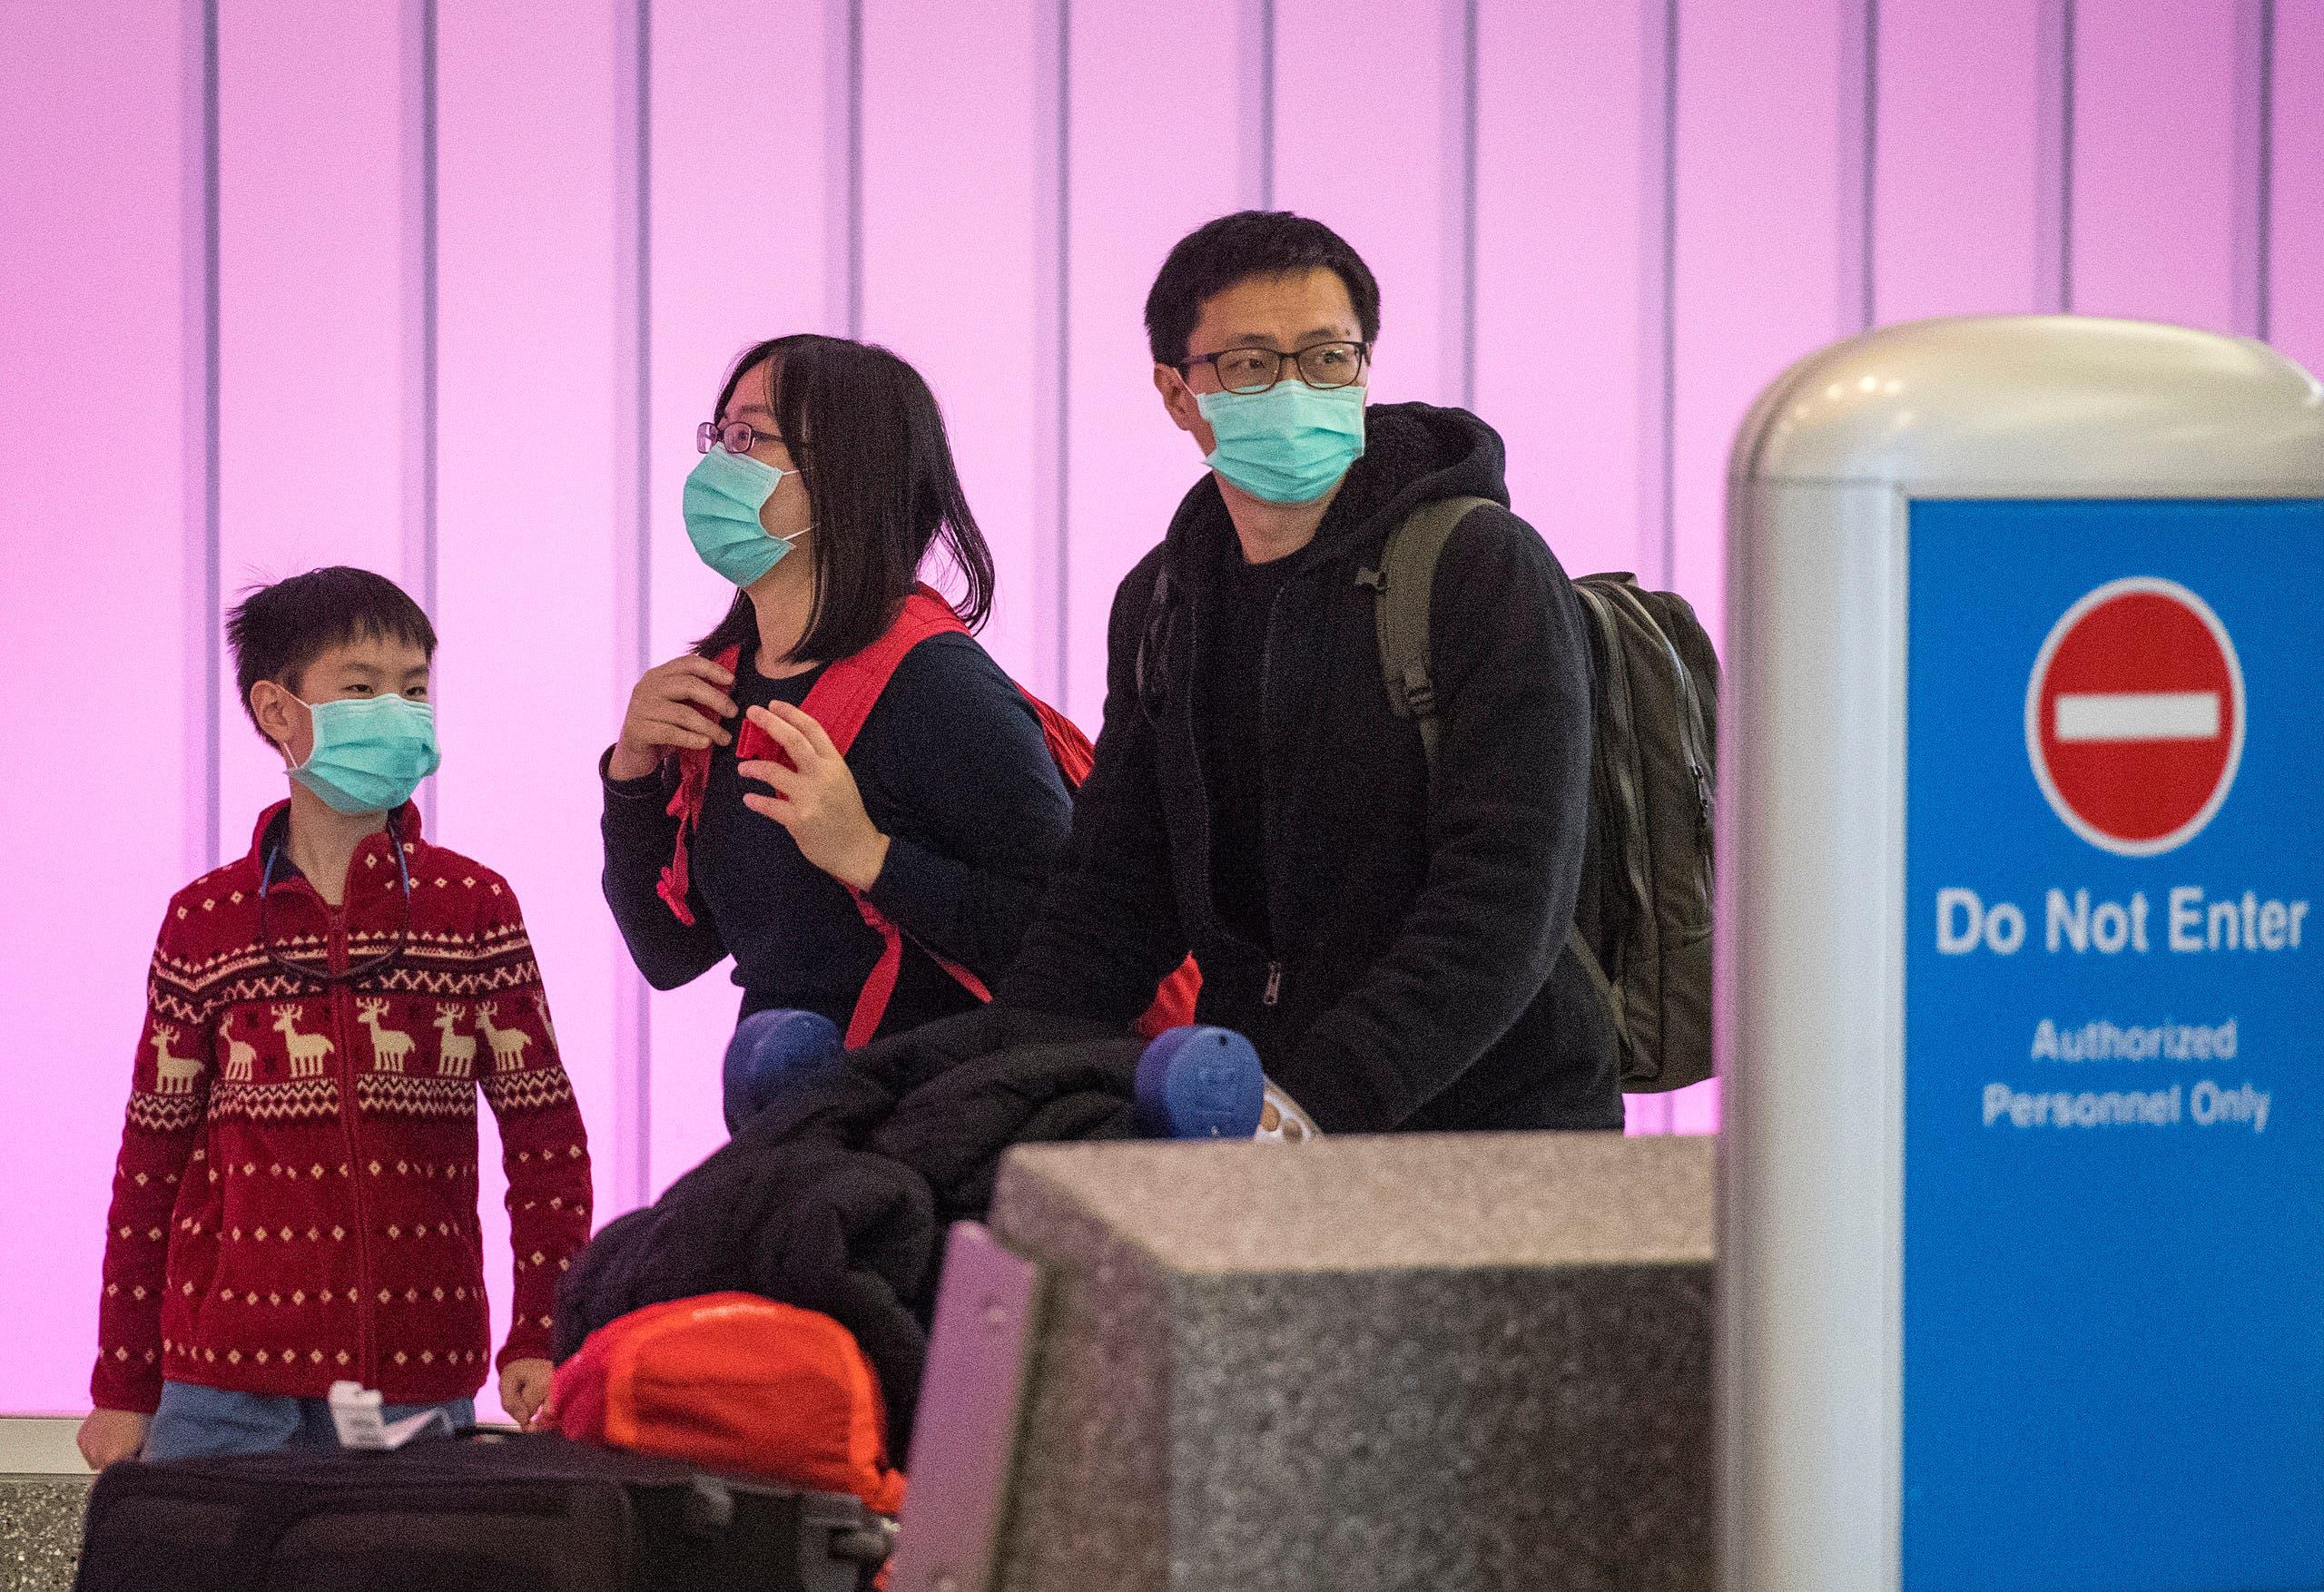 مسافرون يرتدون الأقنعة خوفاً من كورونا خلال تواجدهم في أحد المطارات الأميركية قادمين من آسيا(فرانس برس)